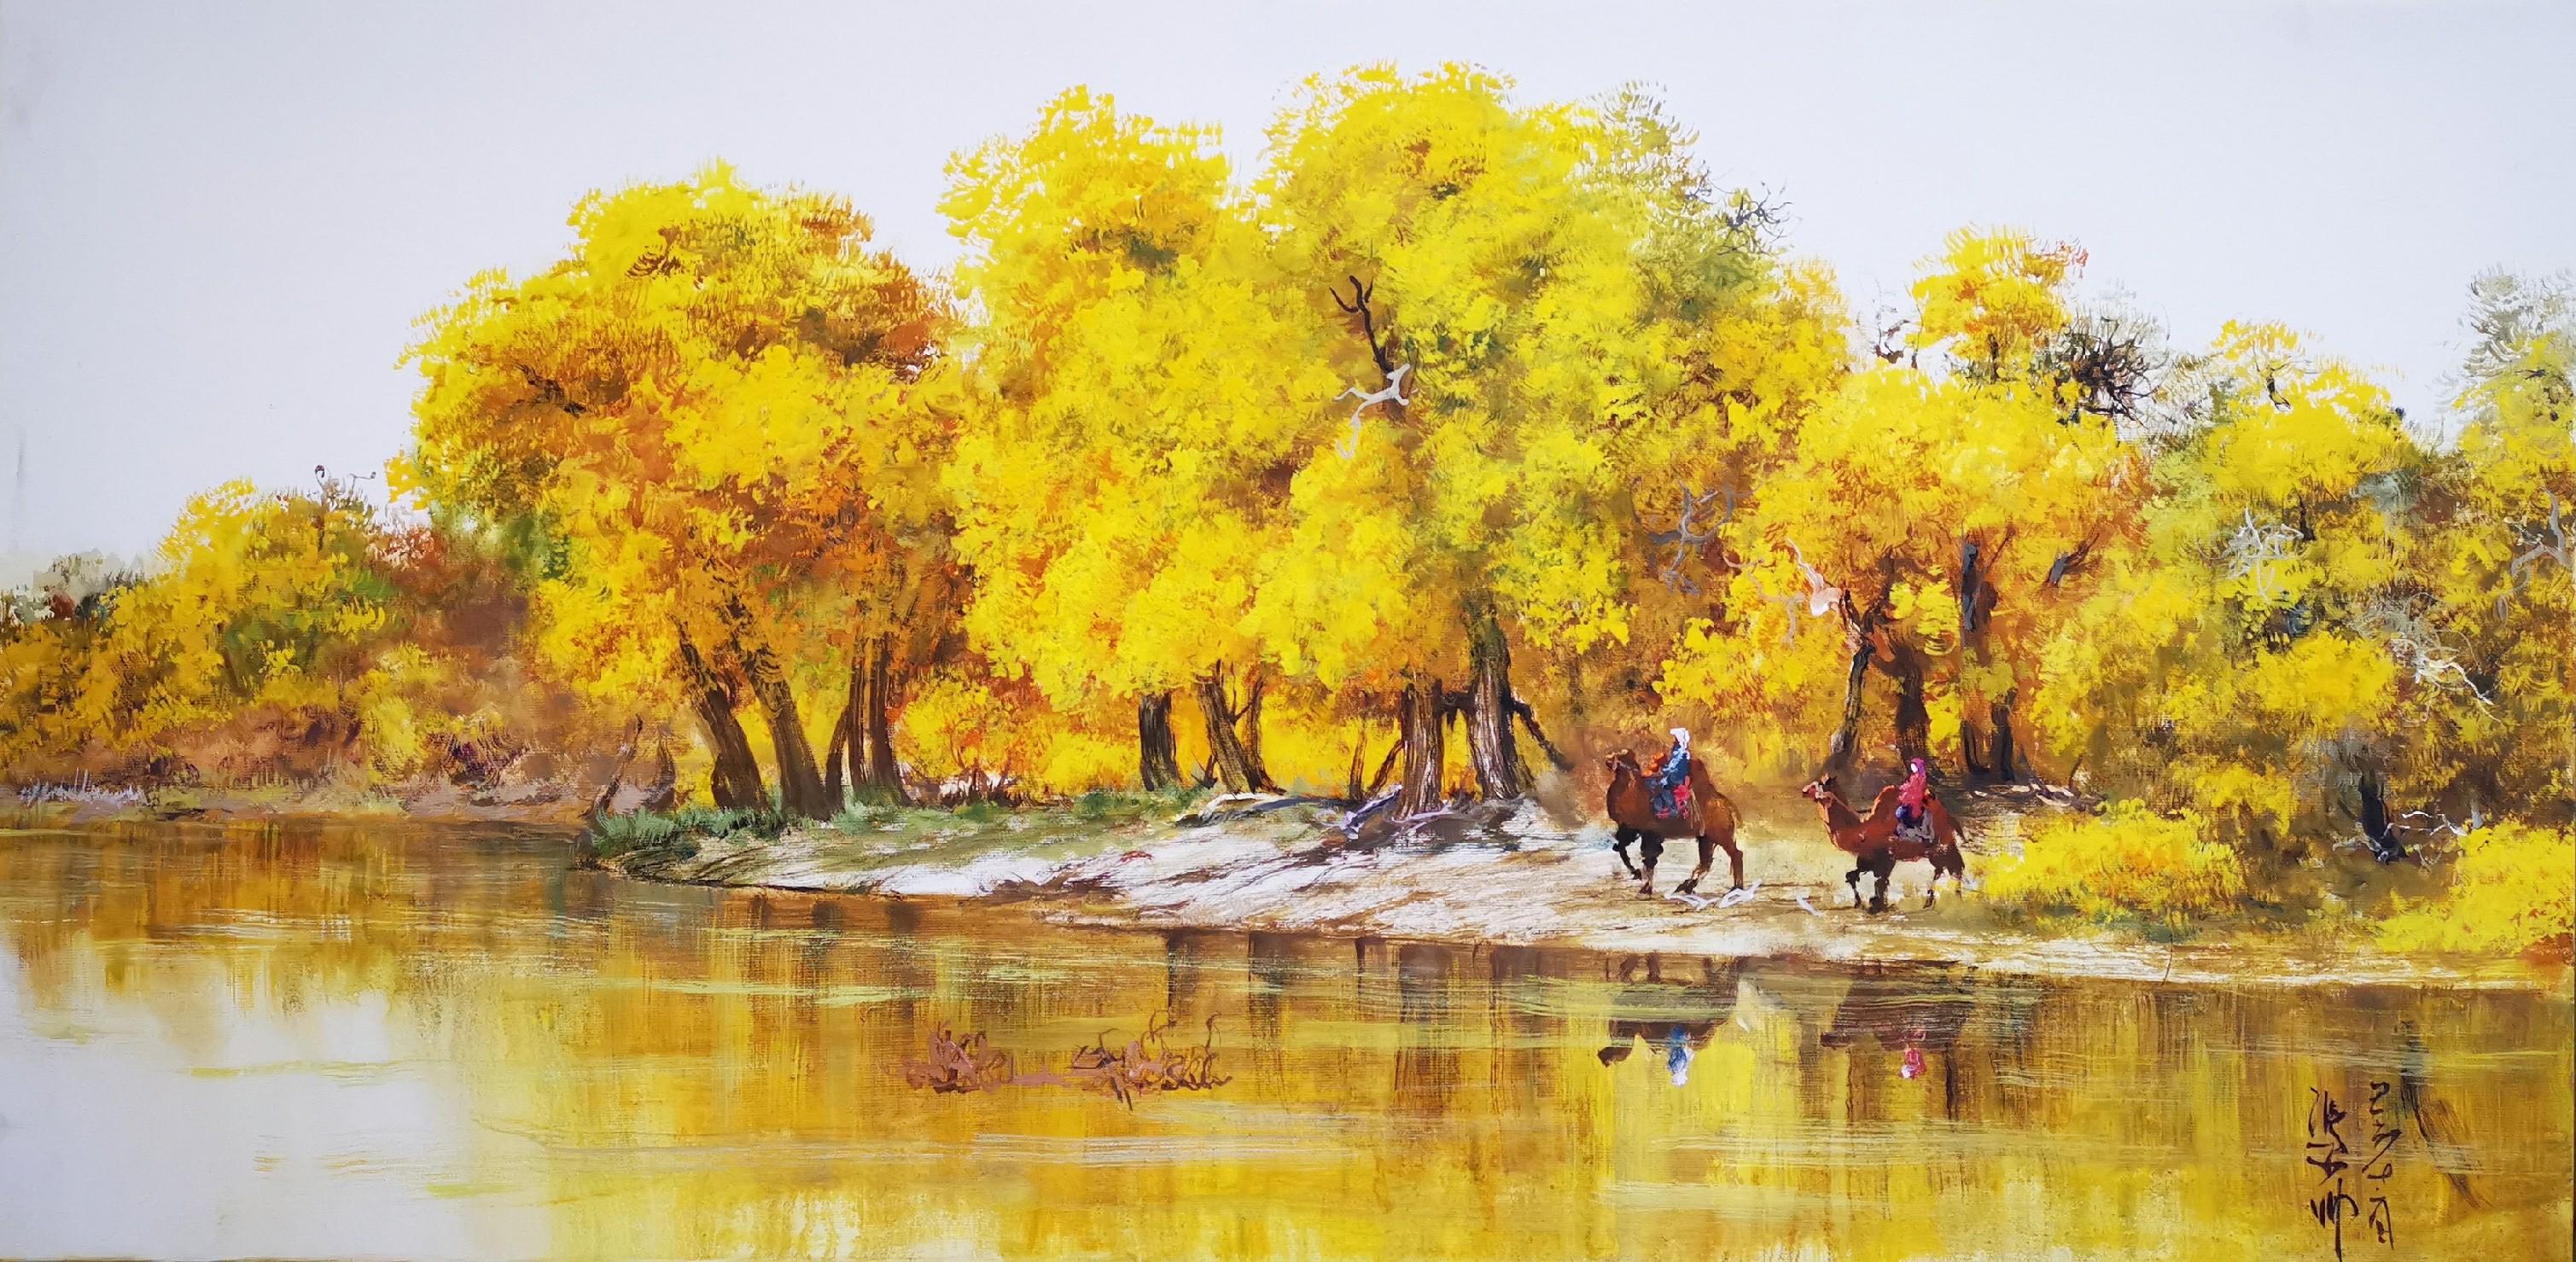 冯少帅一米二规格画三幅,忆江南、山溪、胡杨,水墨、油画两种风格,单幅报价